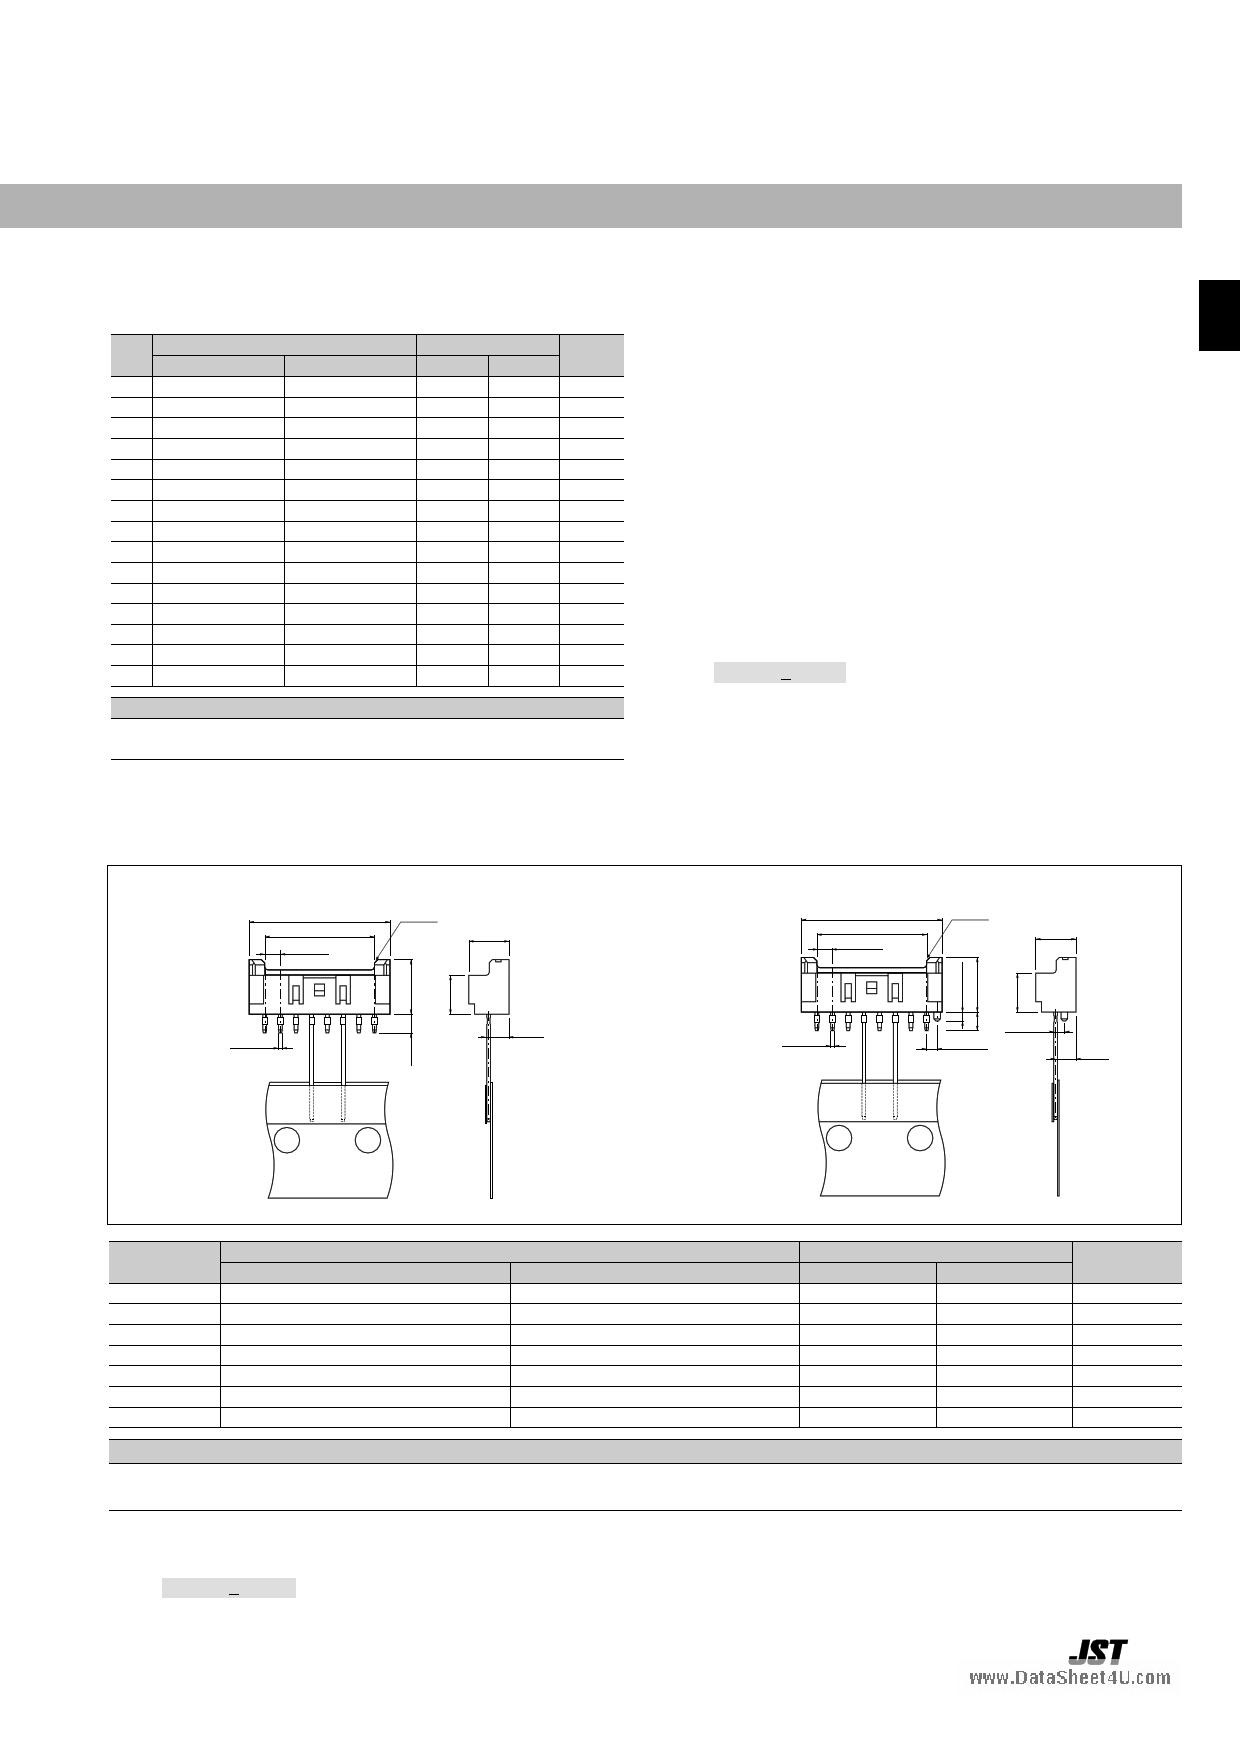 B03B-XASS-1-T pdf, arduino